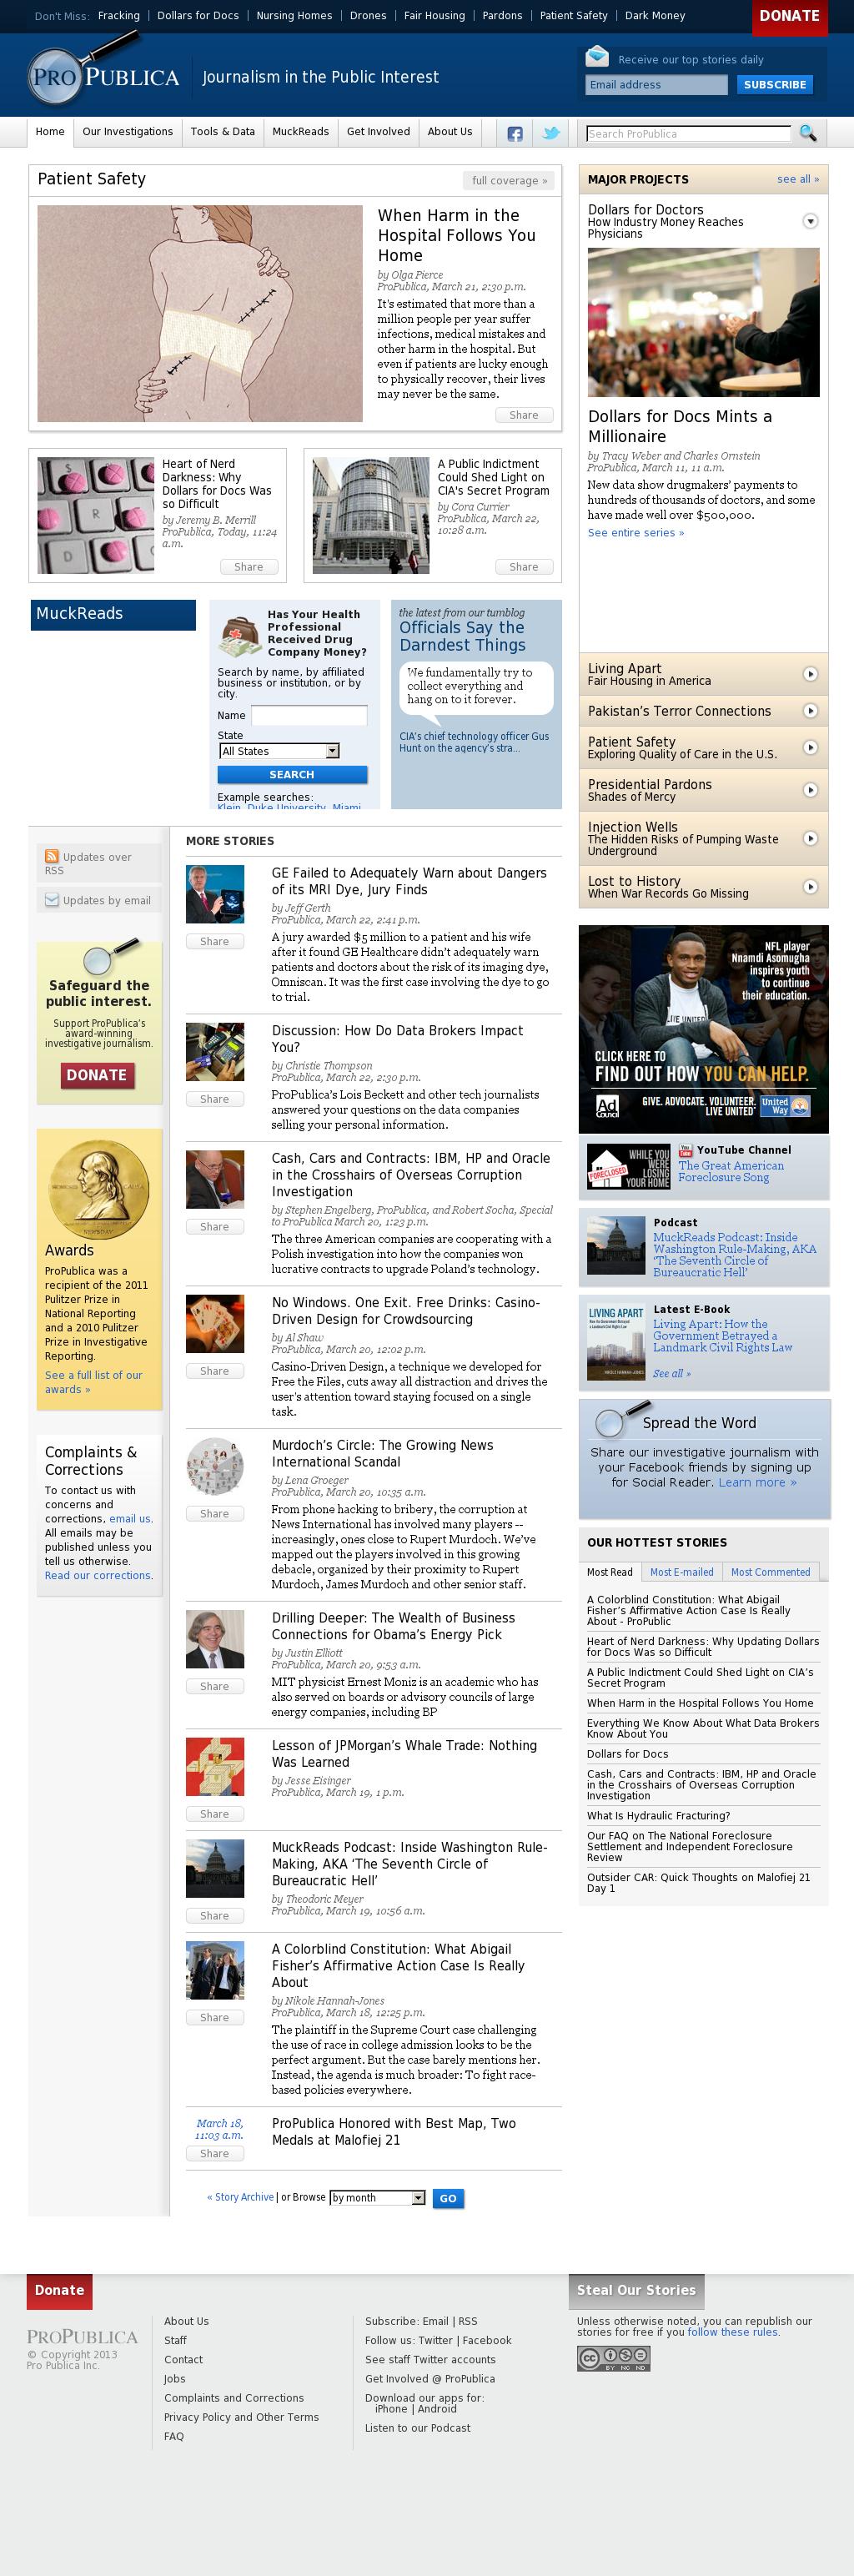 ProPublica at Monday March 25, 2013, 7:35 p.m. UTC